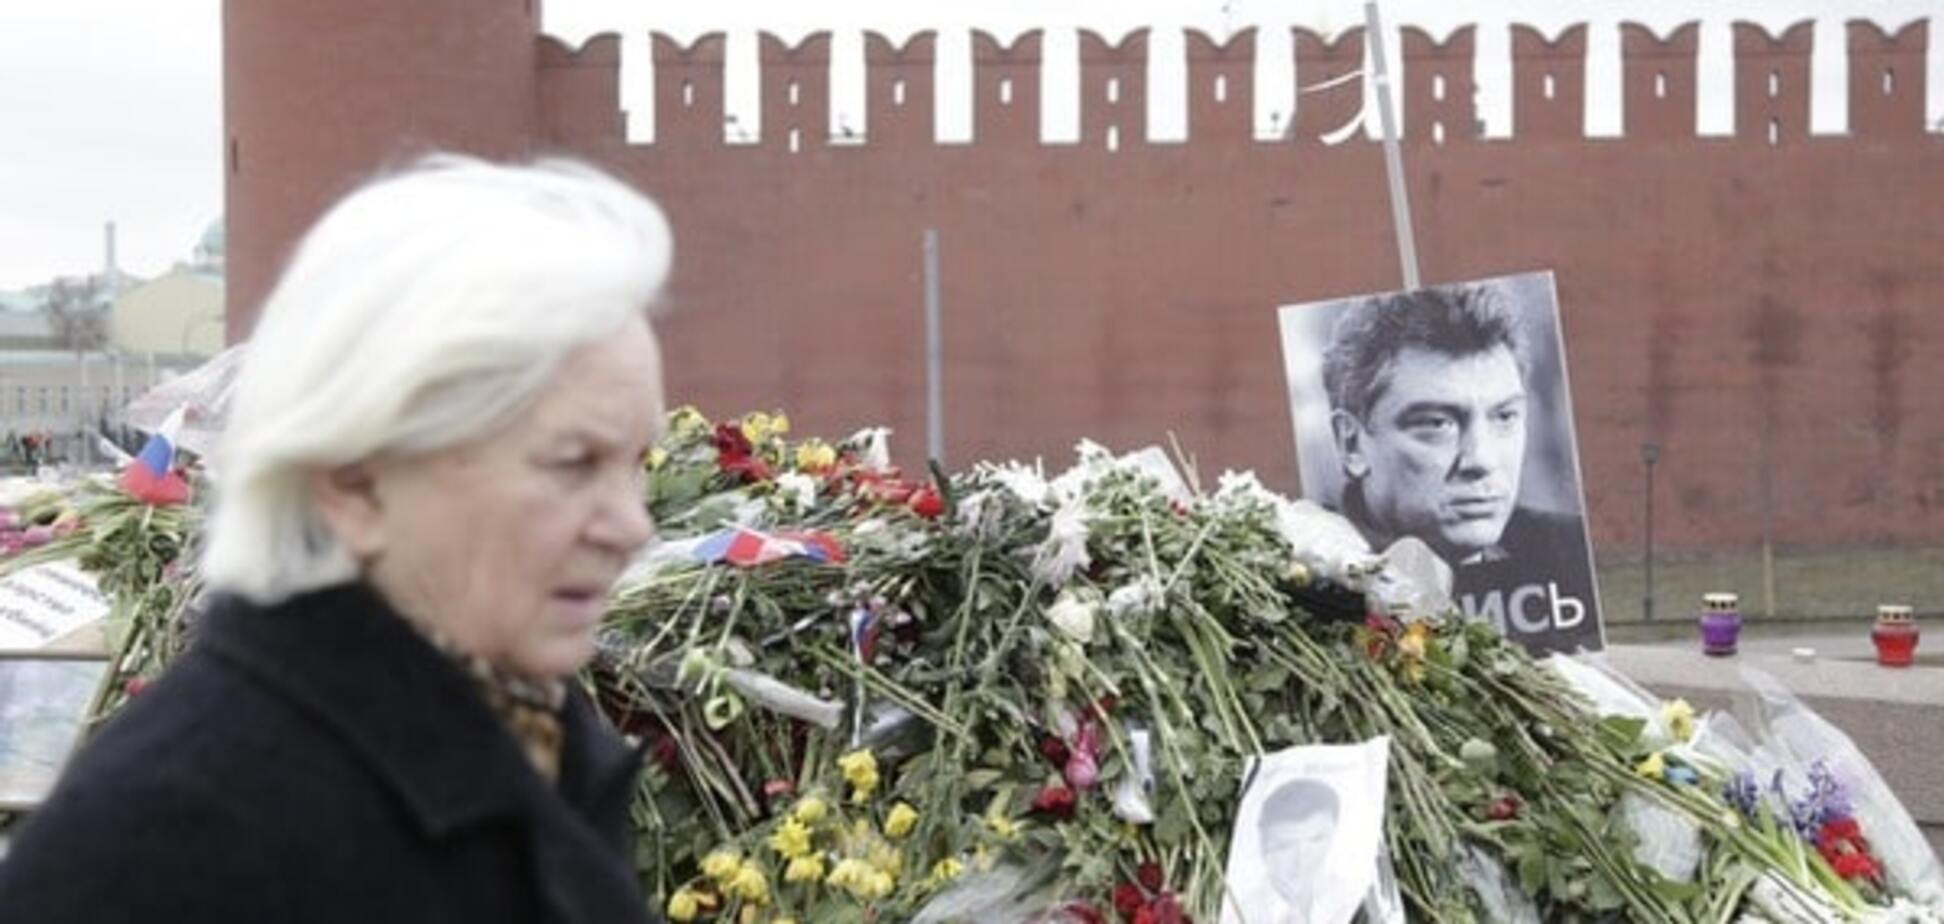 Веллер: в России все всё понимают об убийстве Немцова, но боятся